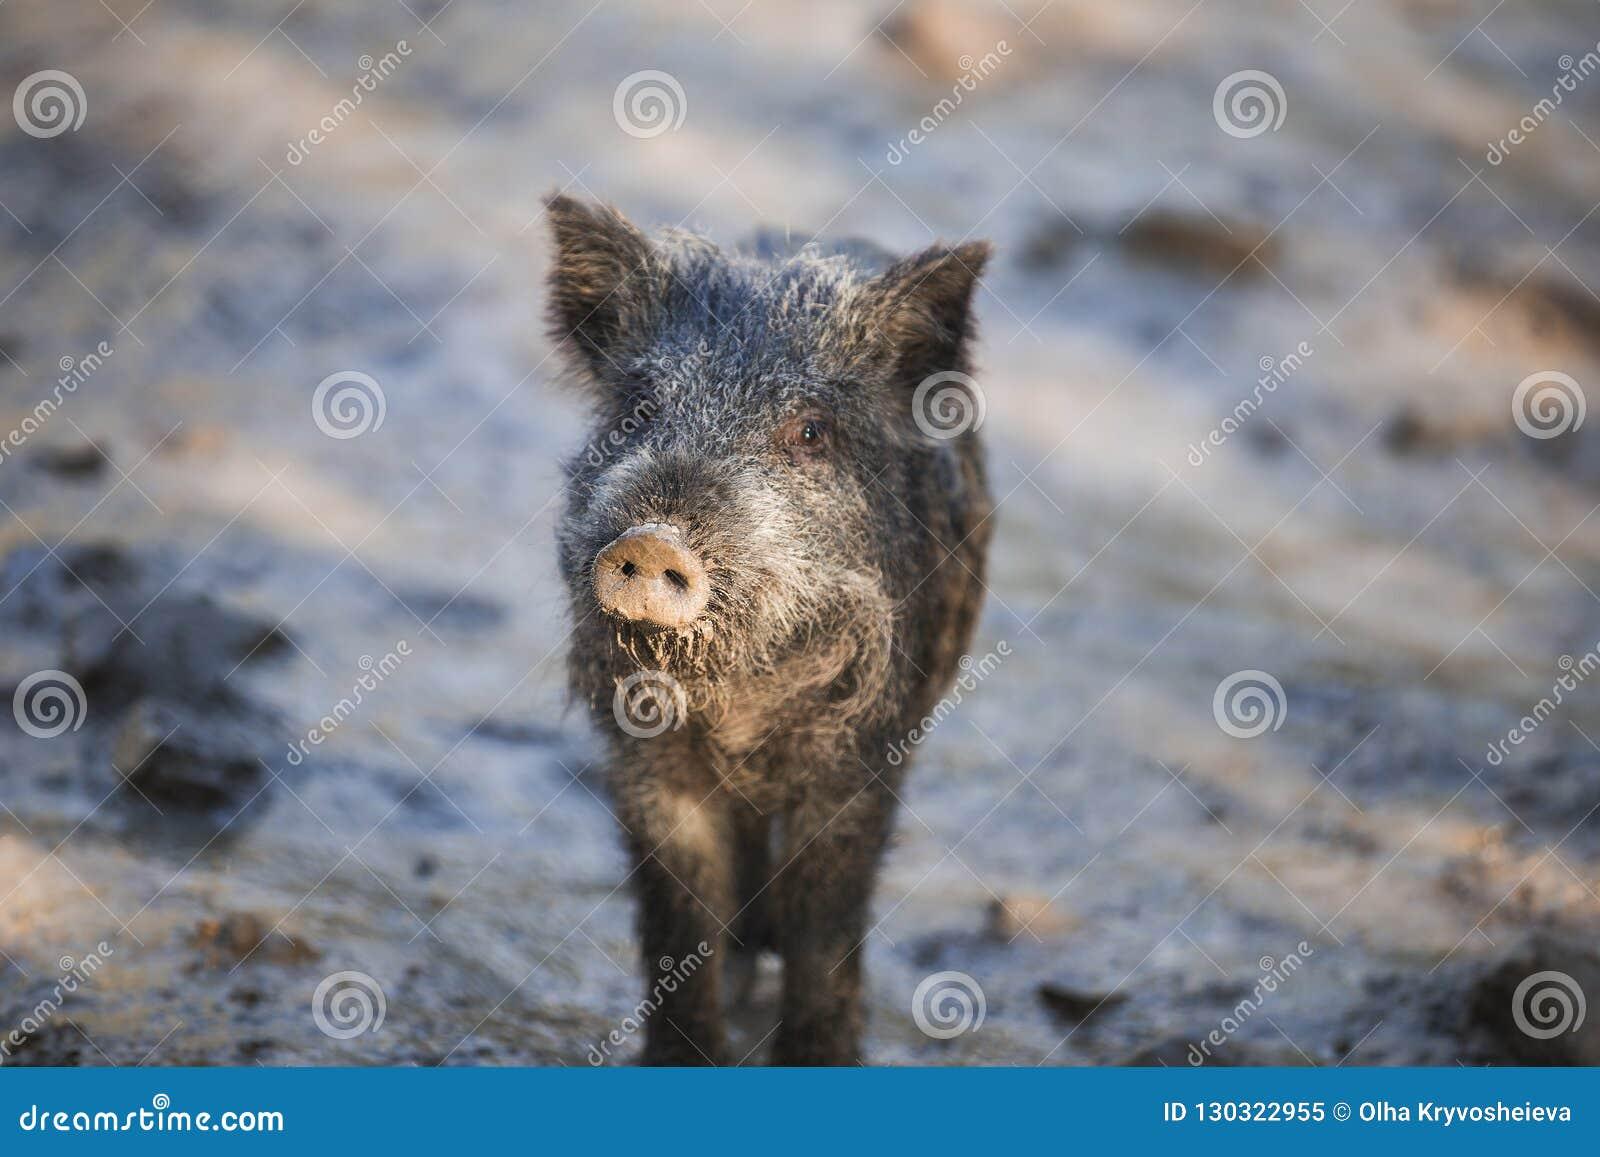 Little funny black wild boar piglet